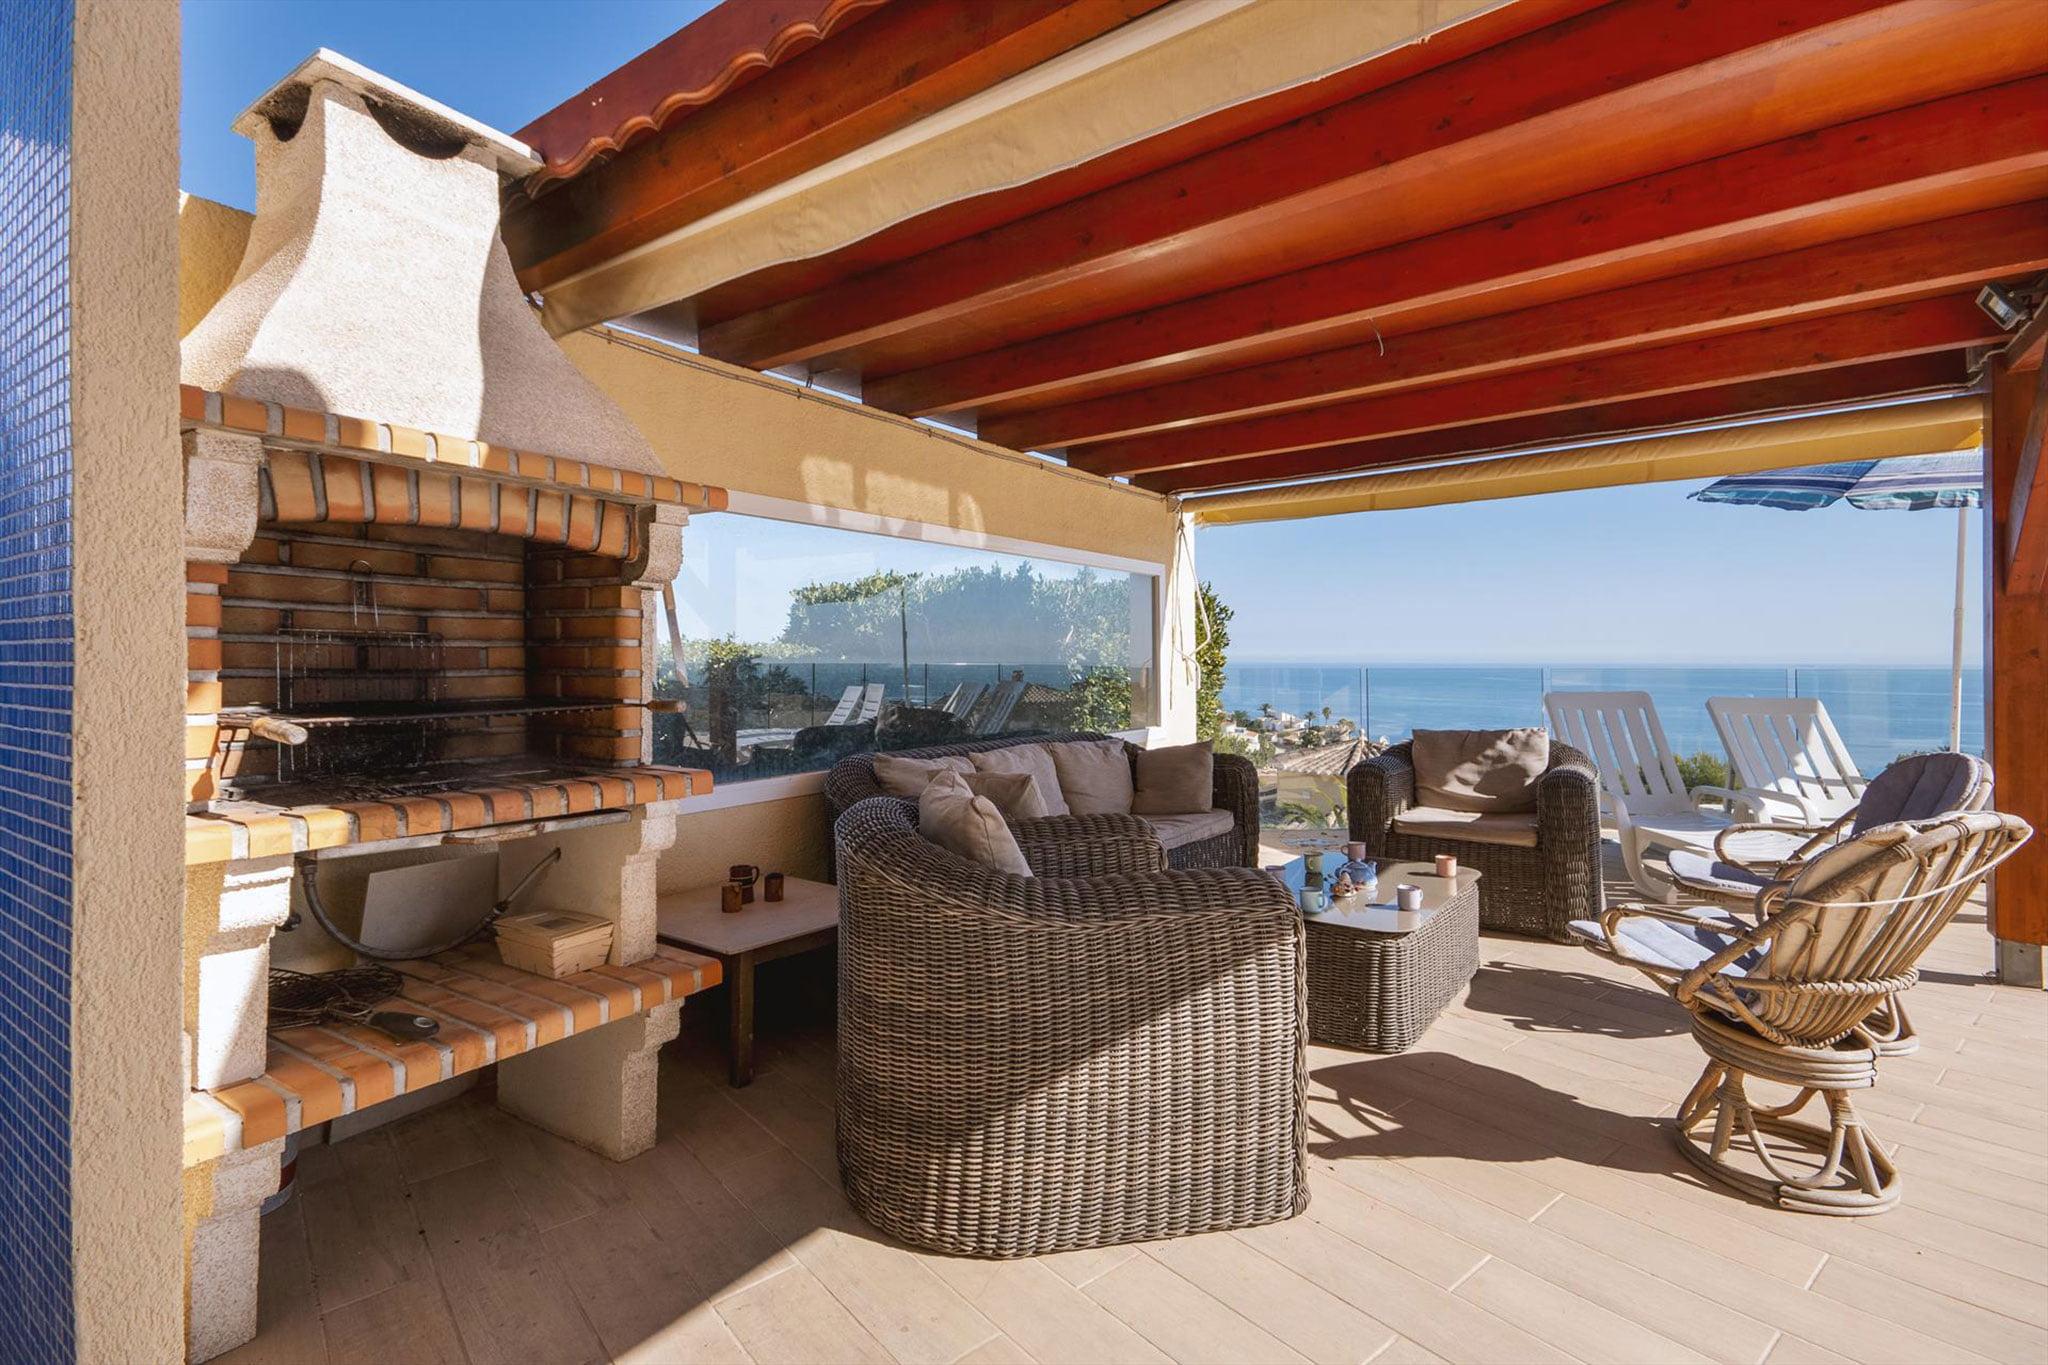 Barbacoa en una casa de alquiler de vacaciones en Benitachell – Aguila Rent a Villa